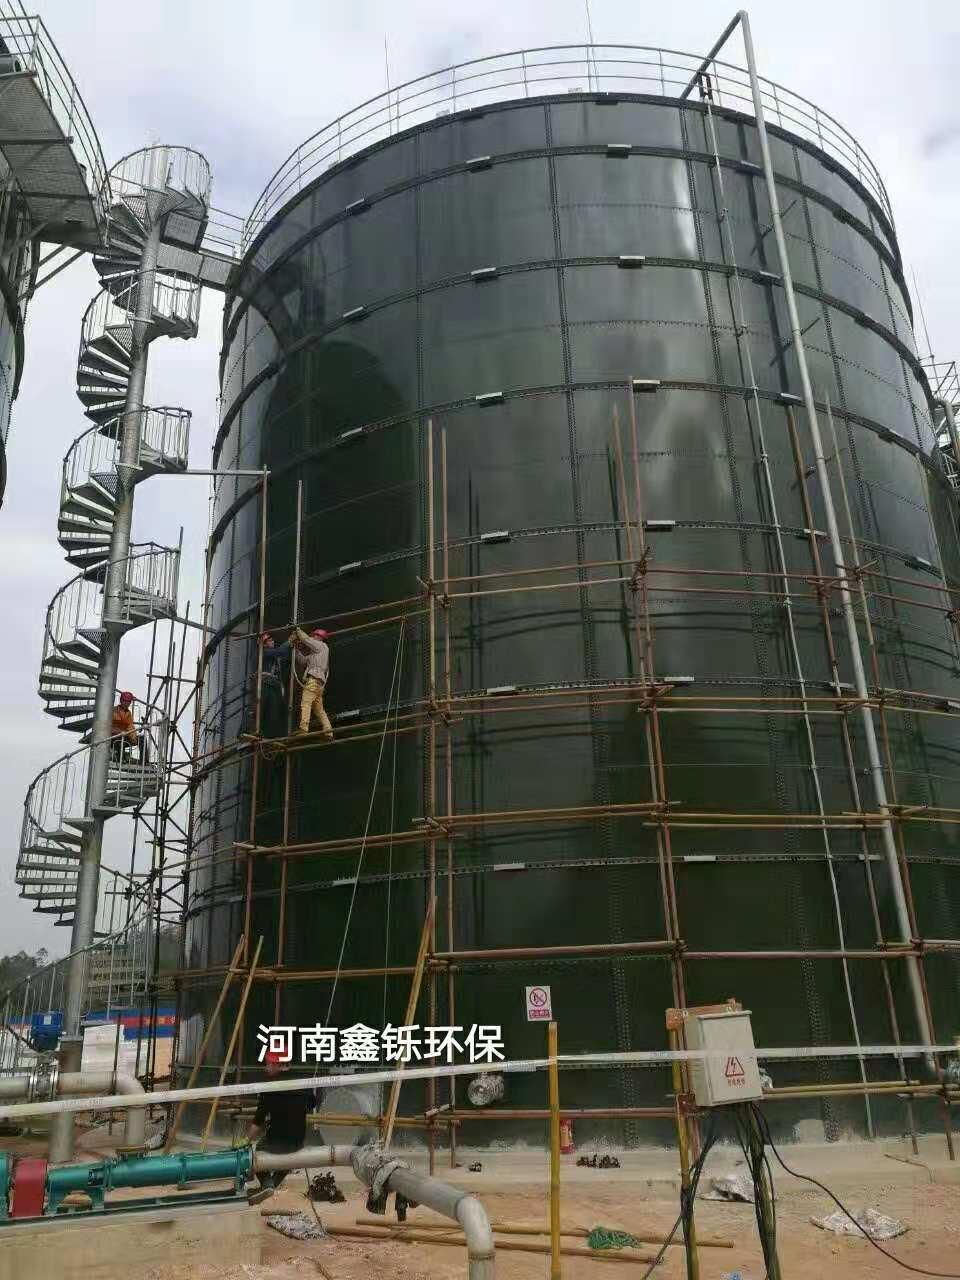 四川销售沼气罐生产 鑫铄环保